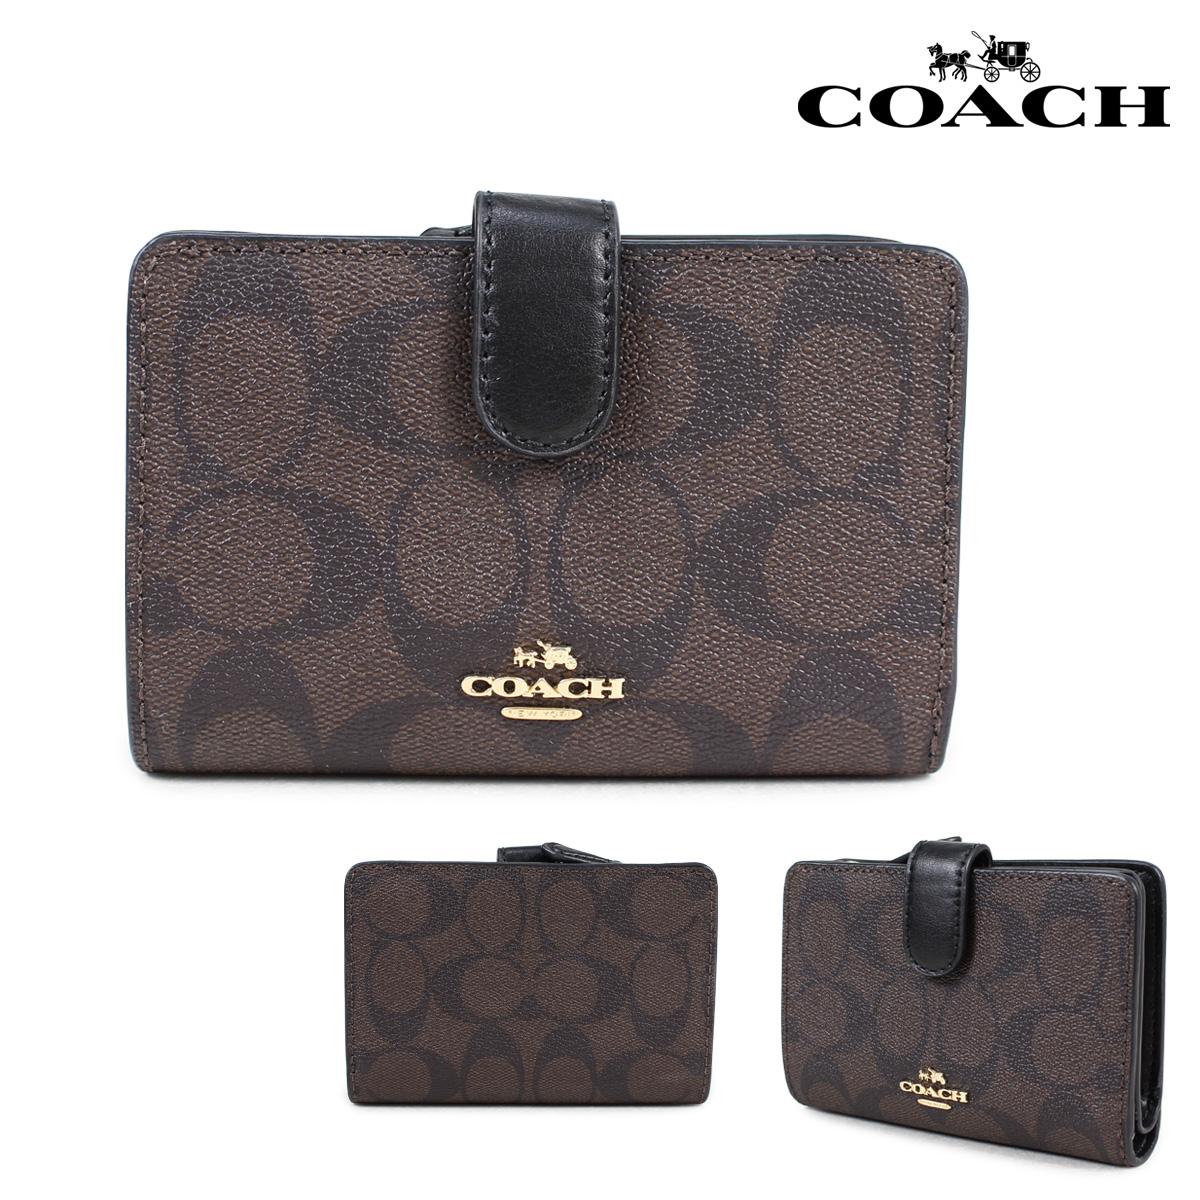 COACH コーチ 財布 二つ折り レディース レザー ブラウン F23553